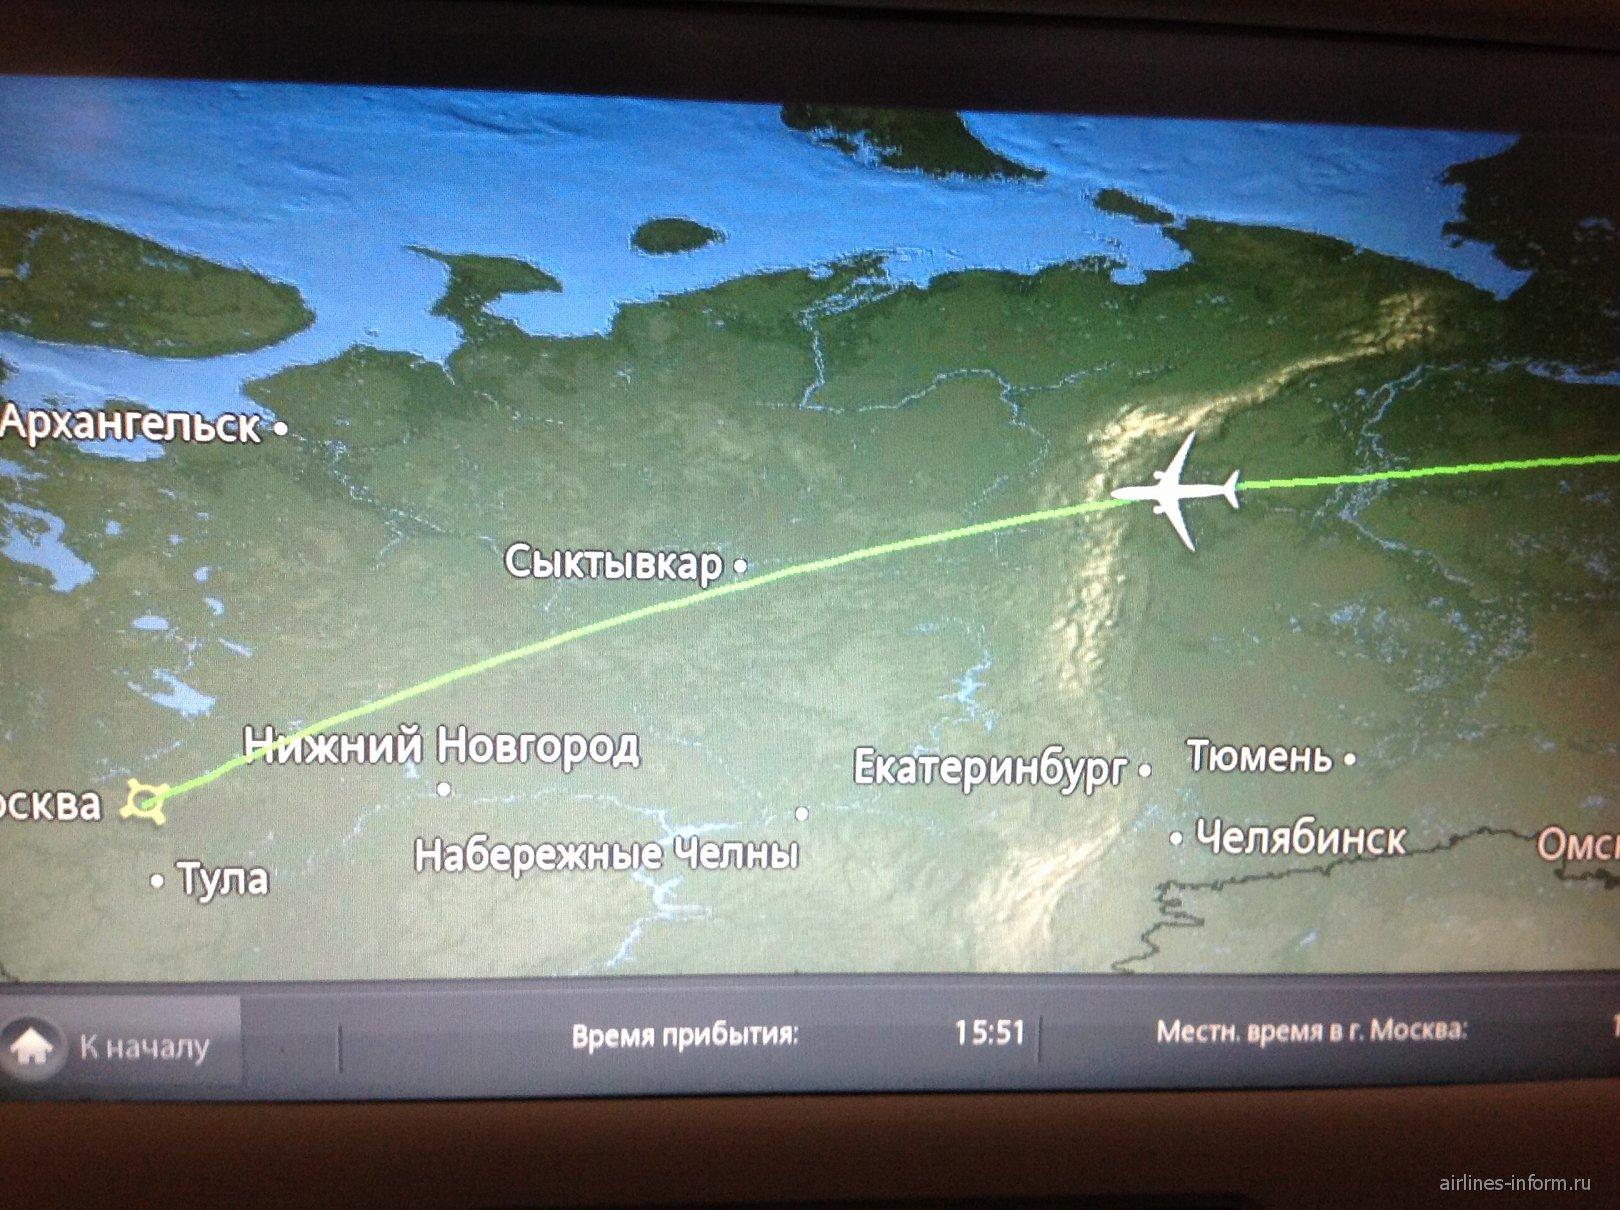 Онлайн карта полета на борту Airbus A330-300 Аэрофлота